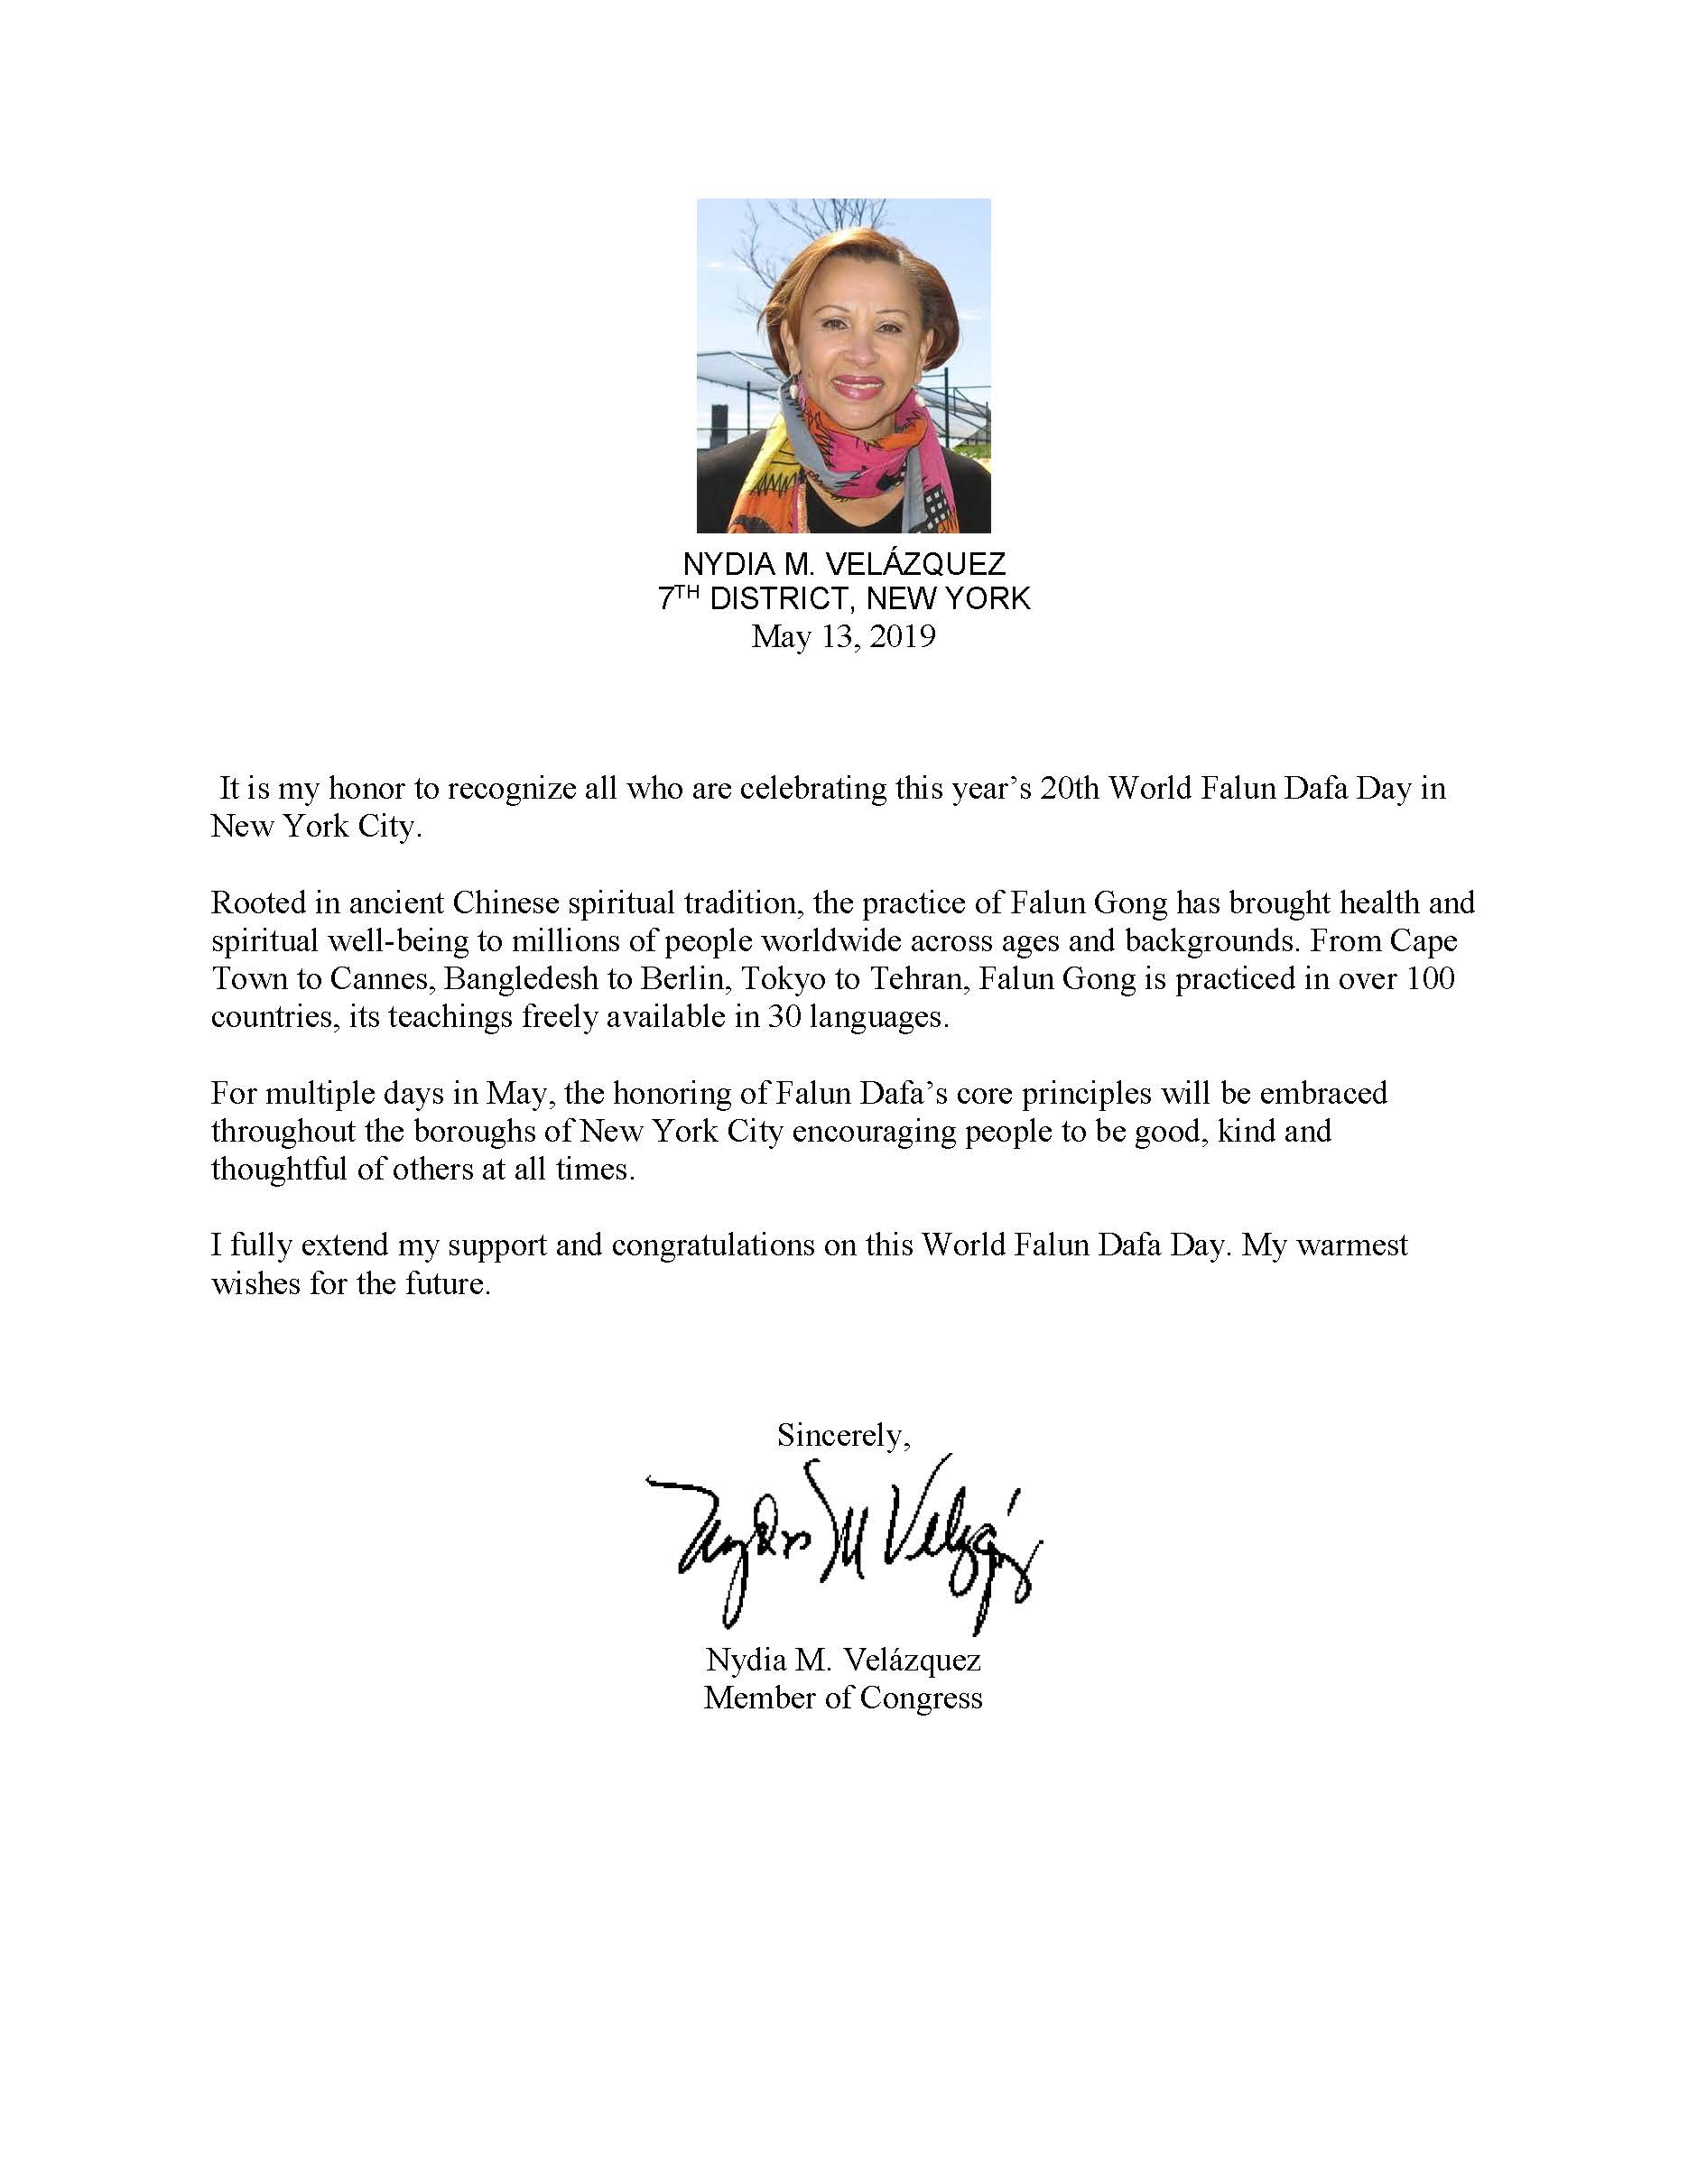 國會議員納迪亞‧委拉斯開茲的賀信。(明慧網)